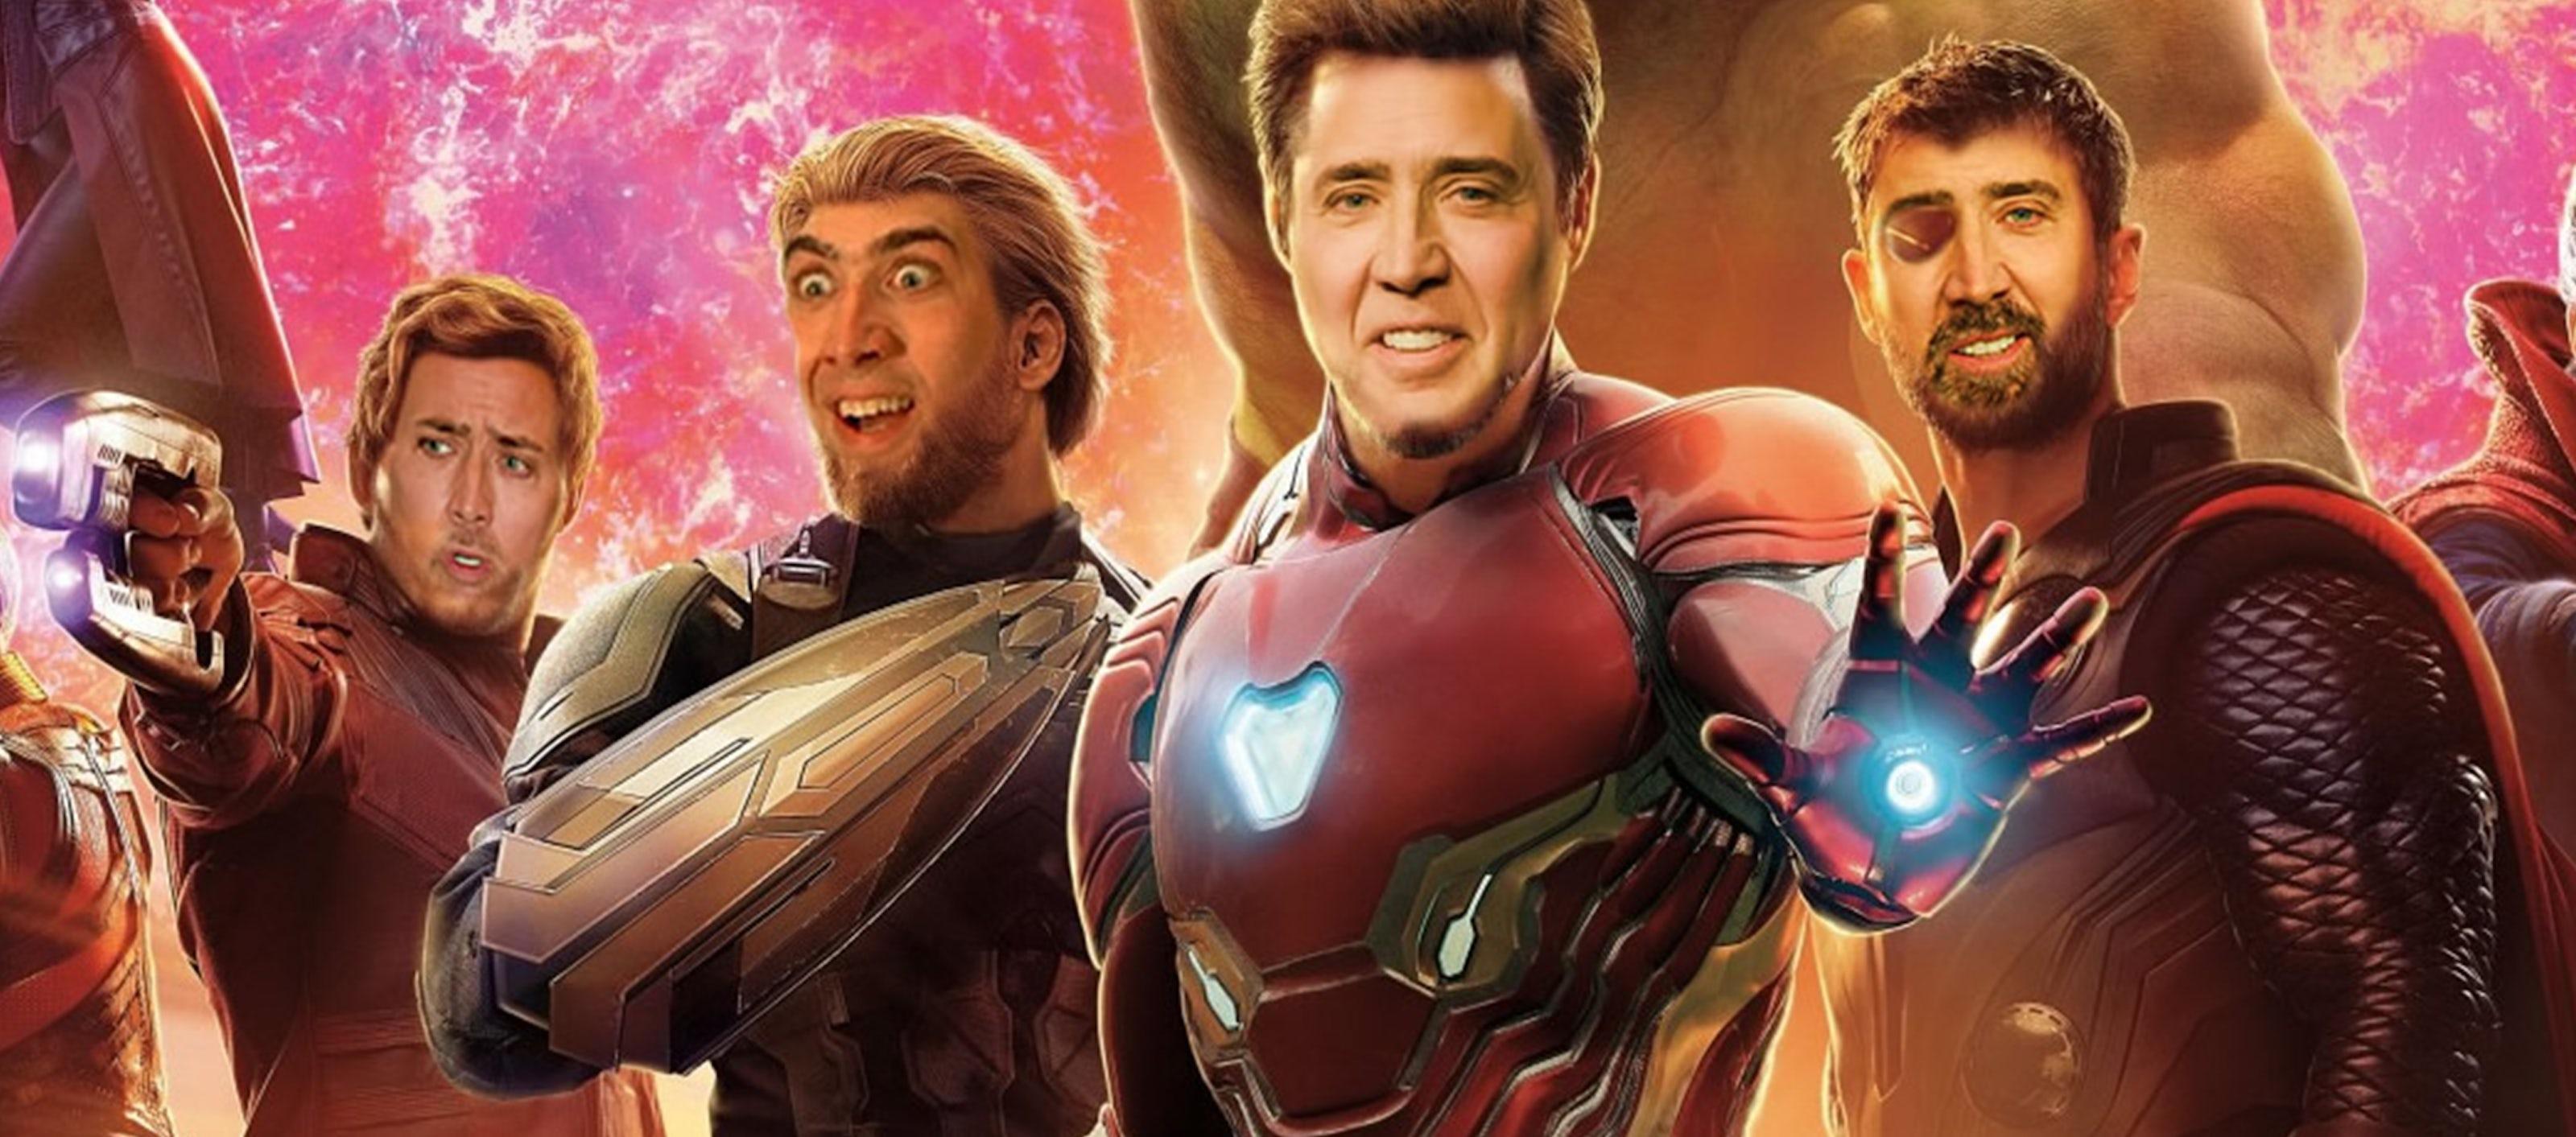 8 Avengers Endgame Memes That Will Make You Feel All The Feels